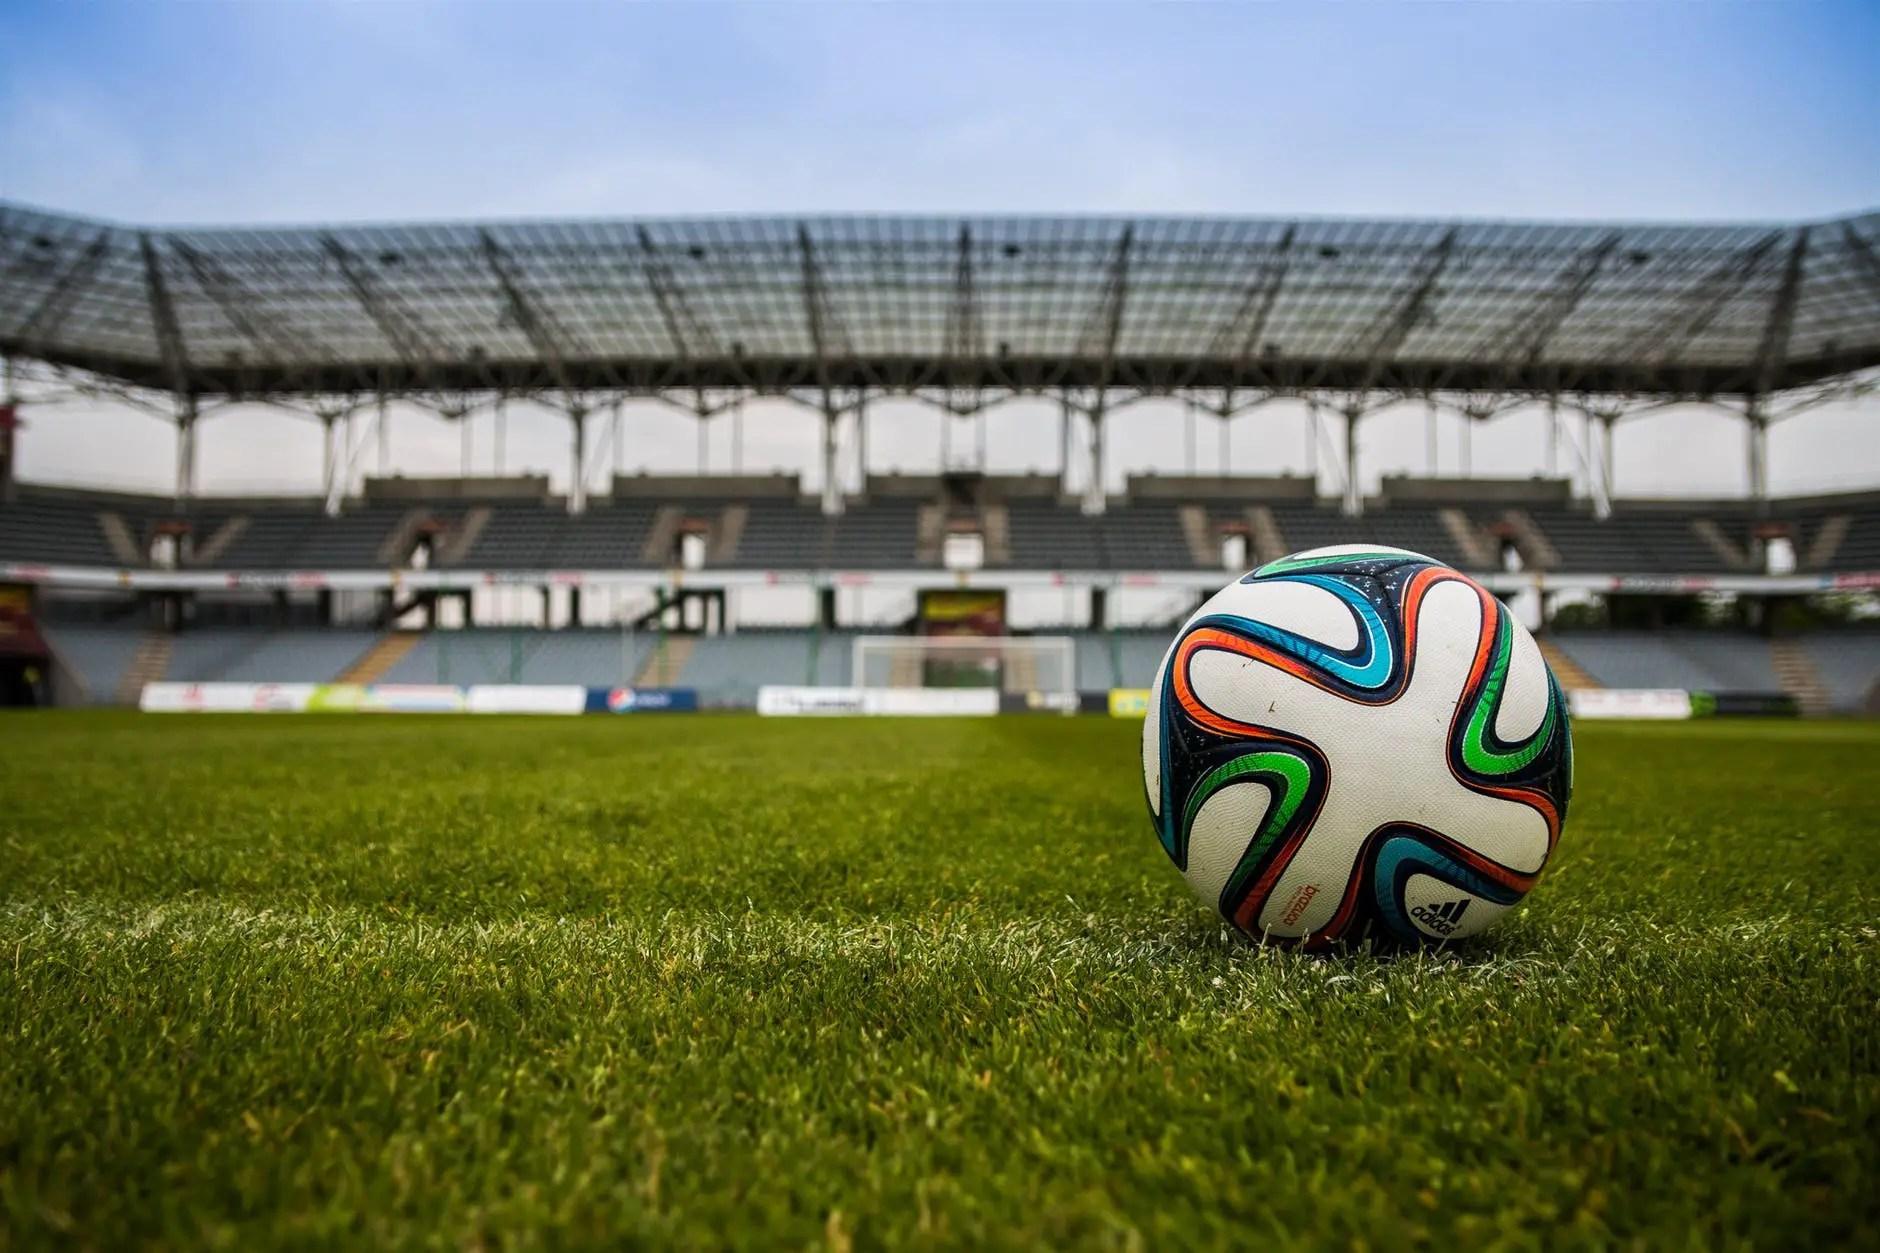 soccer ball on grass pitch